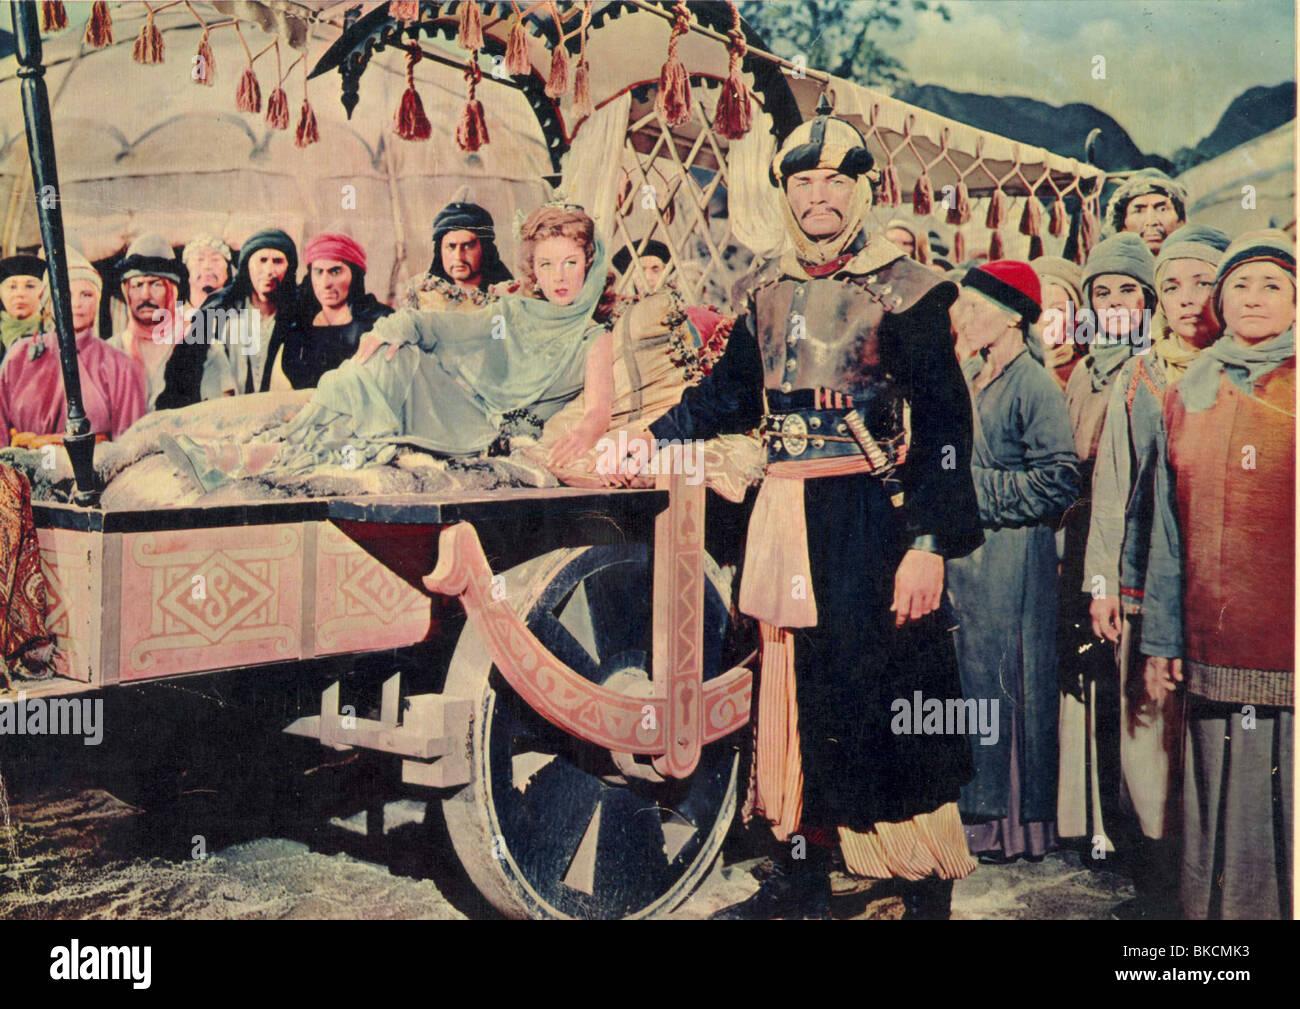 THE CONQUEROR (1955) SUSAN HAYWARD CONQ 001FOH - Stock Image